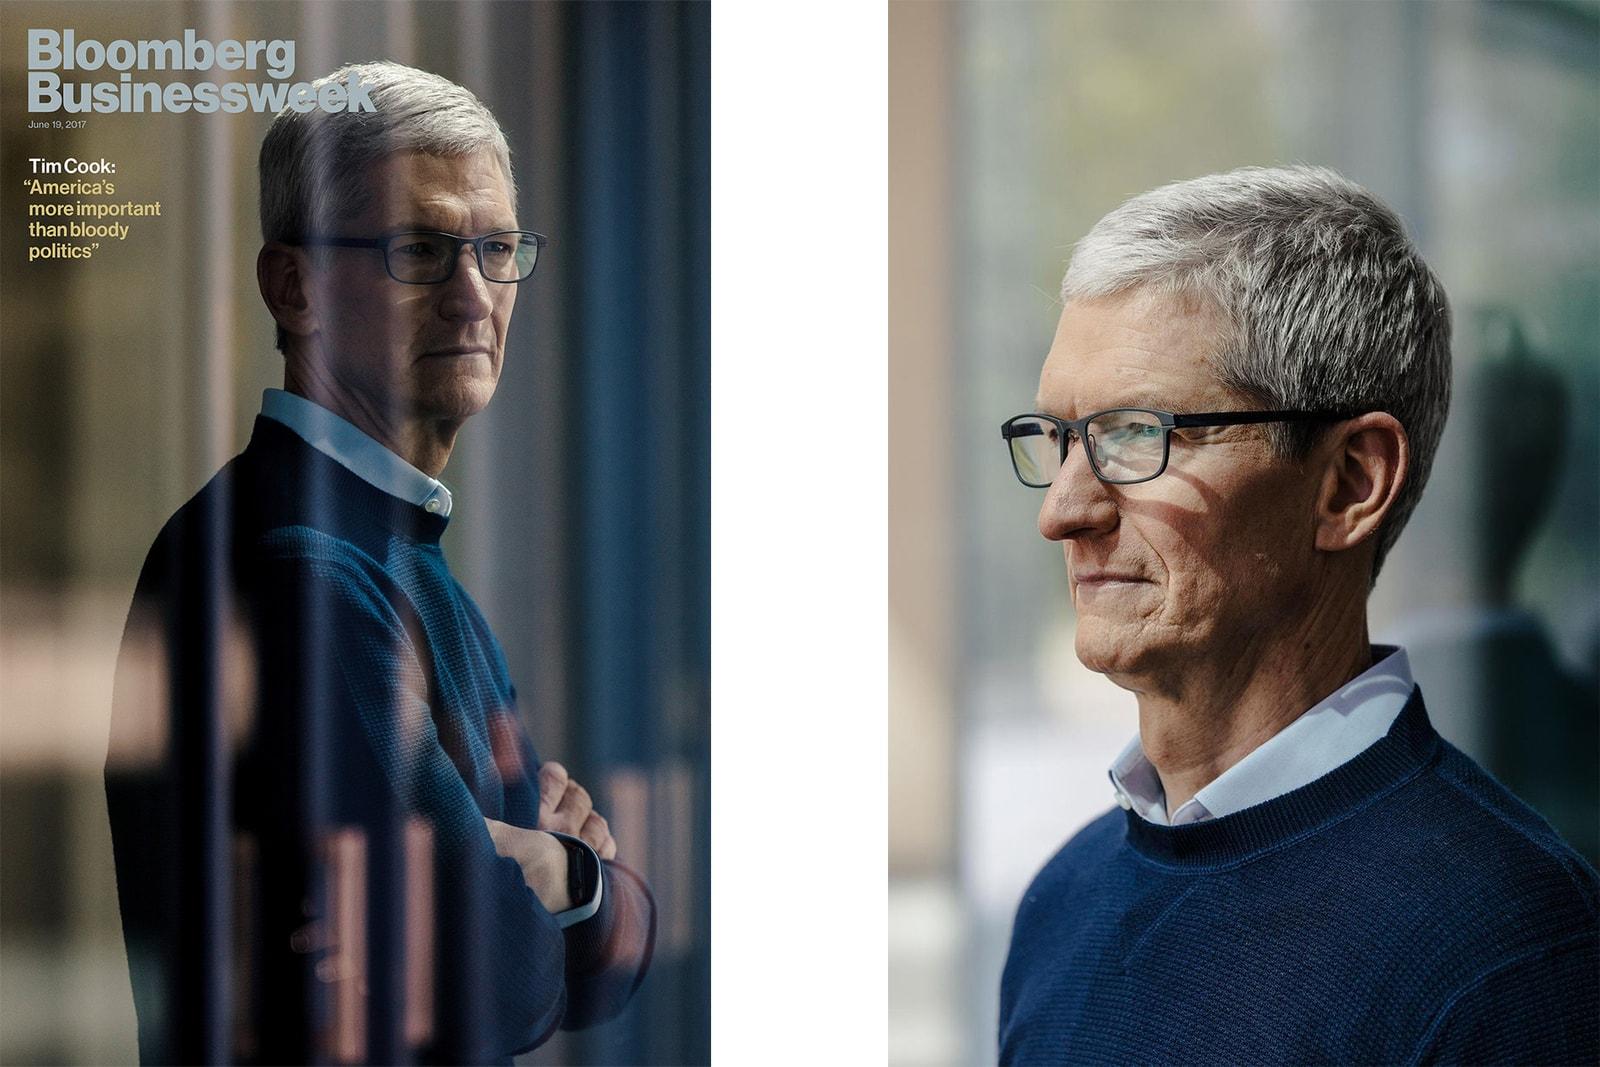 精神領袖 - Tim Cook 視 Steve Jobs 為蘋果「憲法」去管理及創作